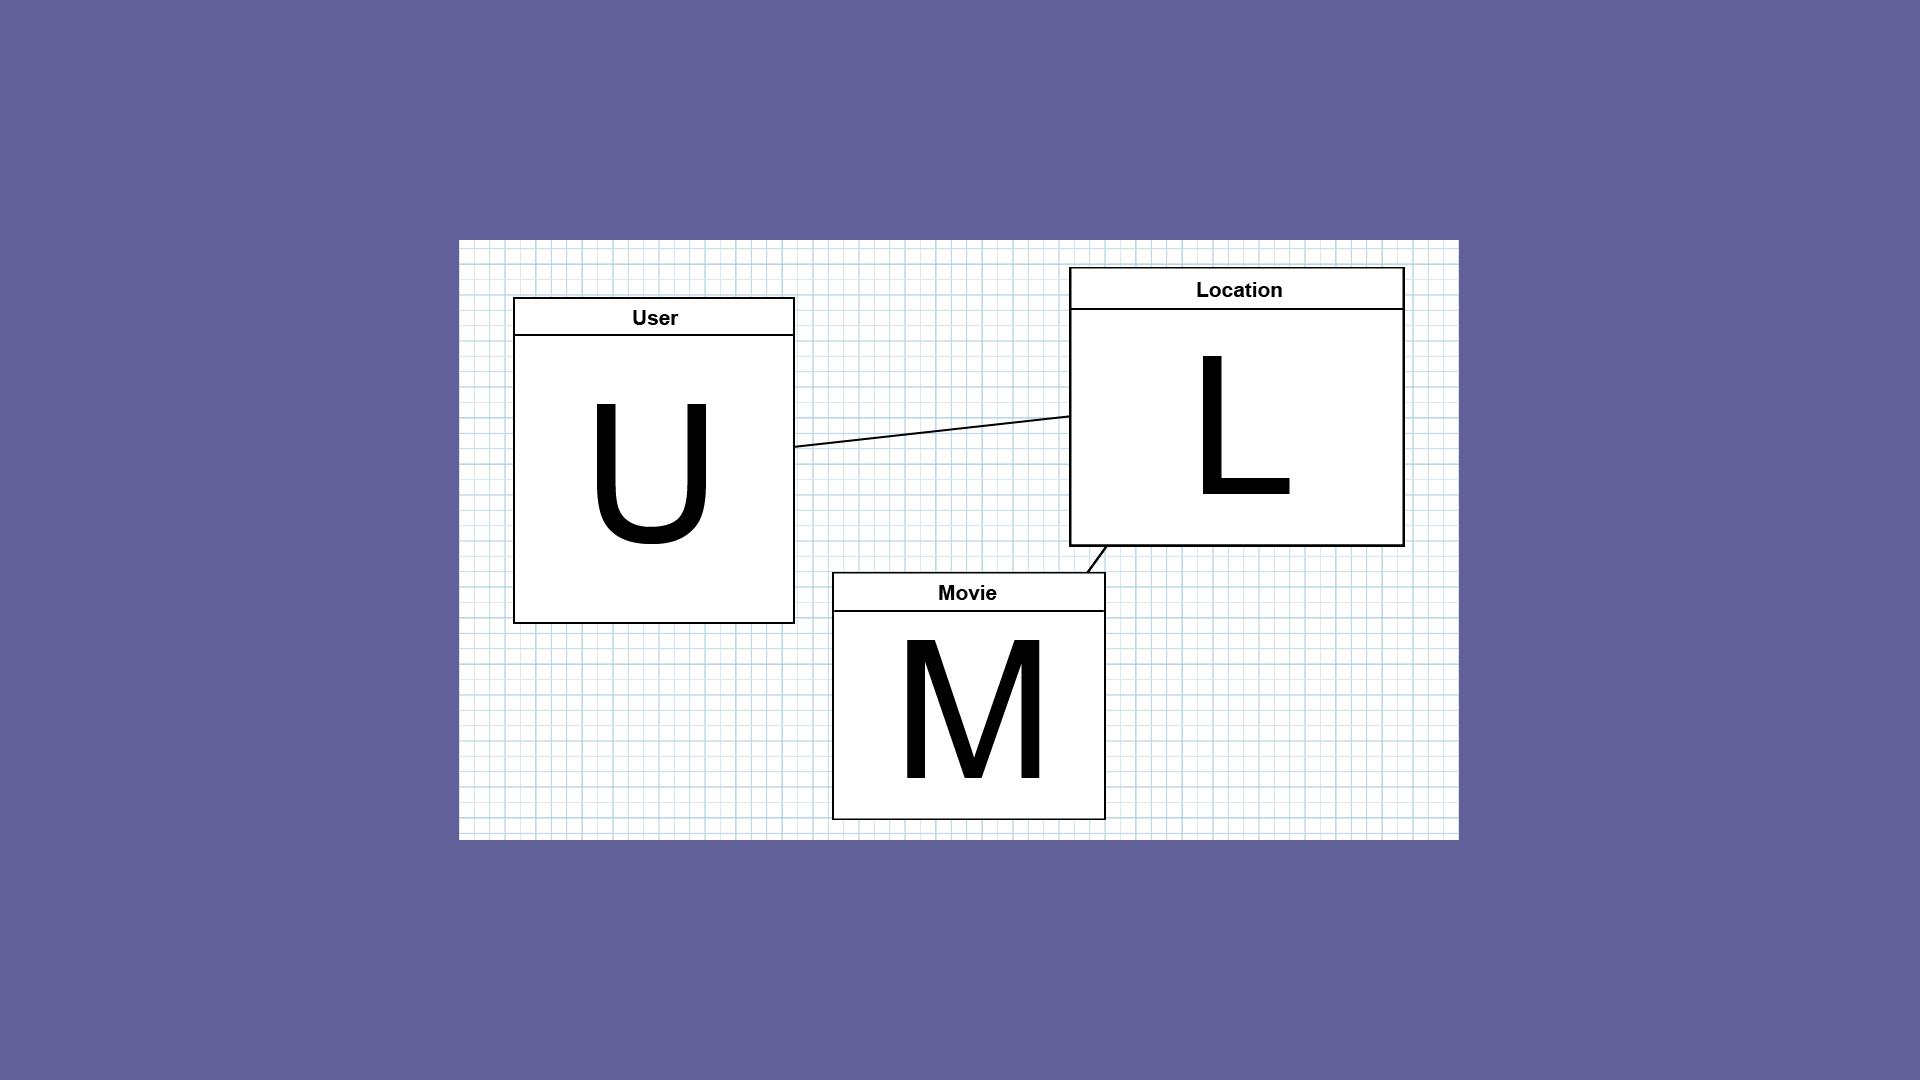 Documentando aplicação com UML usando três tipos de diagramas